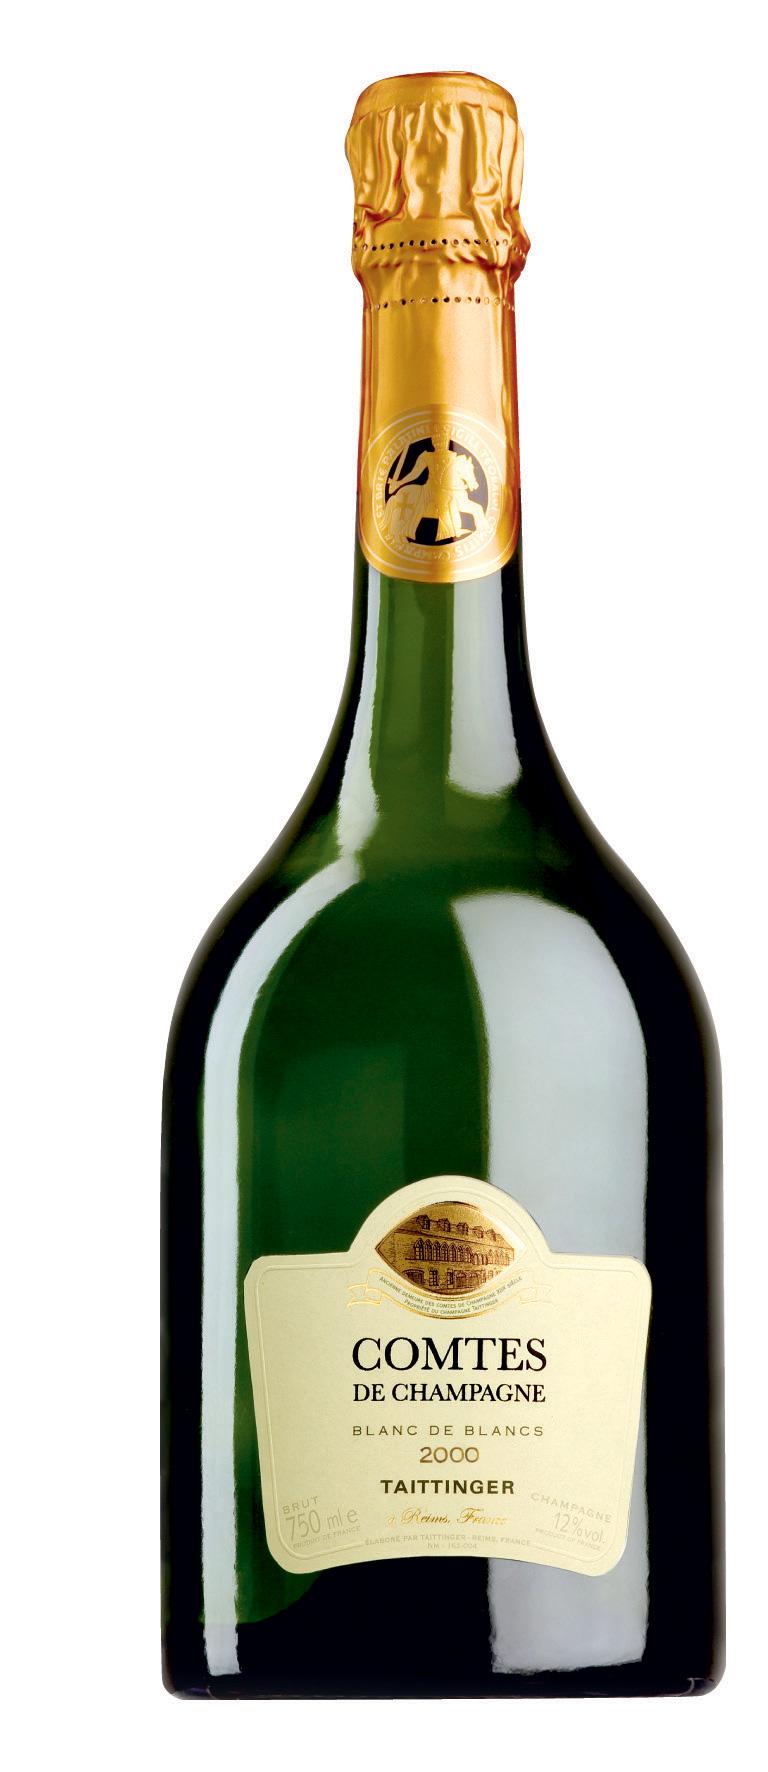 Taittinger Comtes de Champagne Brut Blanc de blancs 2000